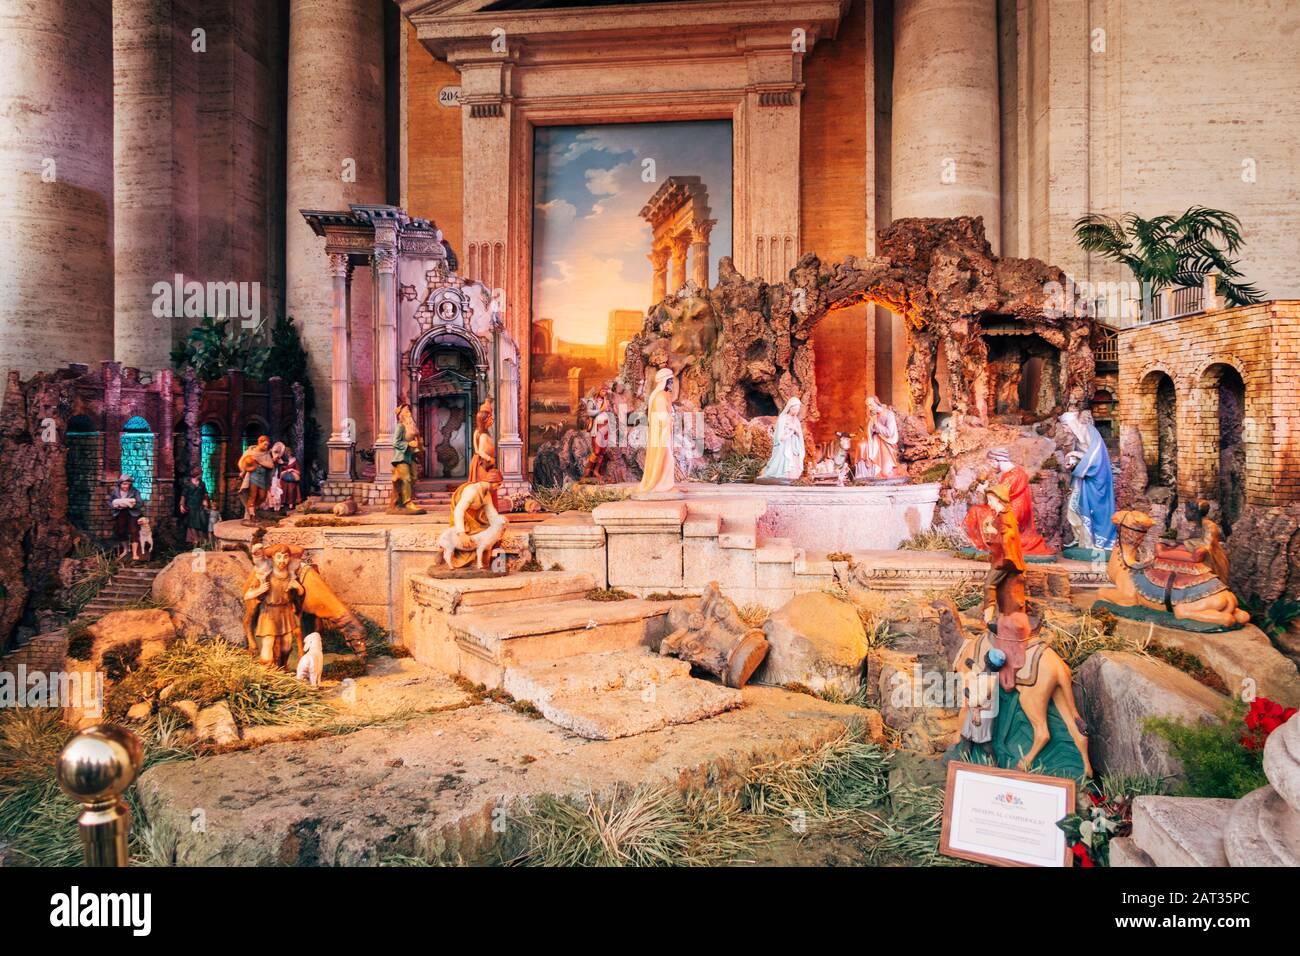 Nativity Christmas 2020 Rome, Italy   Jan 1, 2020: Christmas Nativity scene at the Palazzo